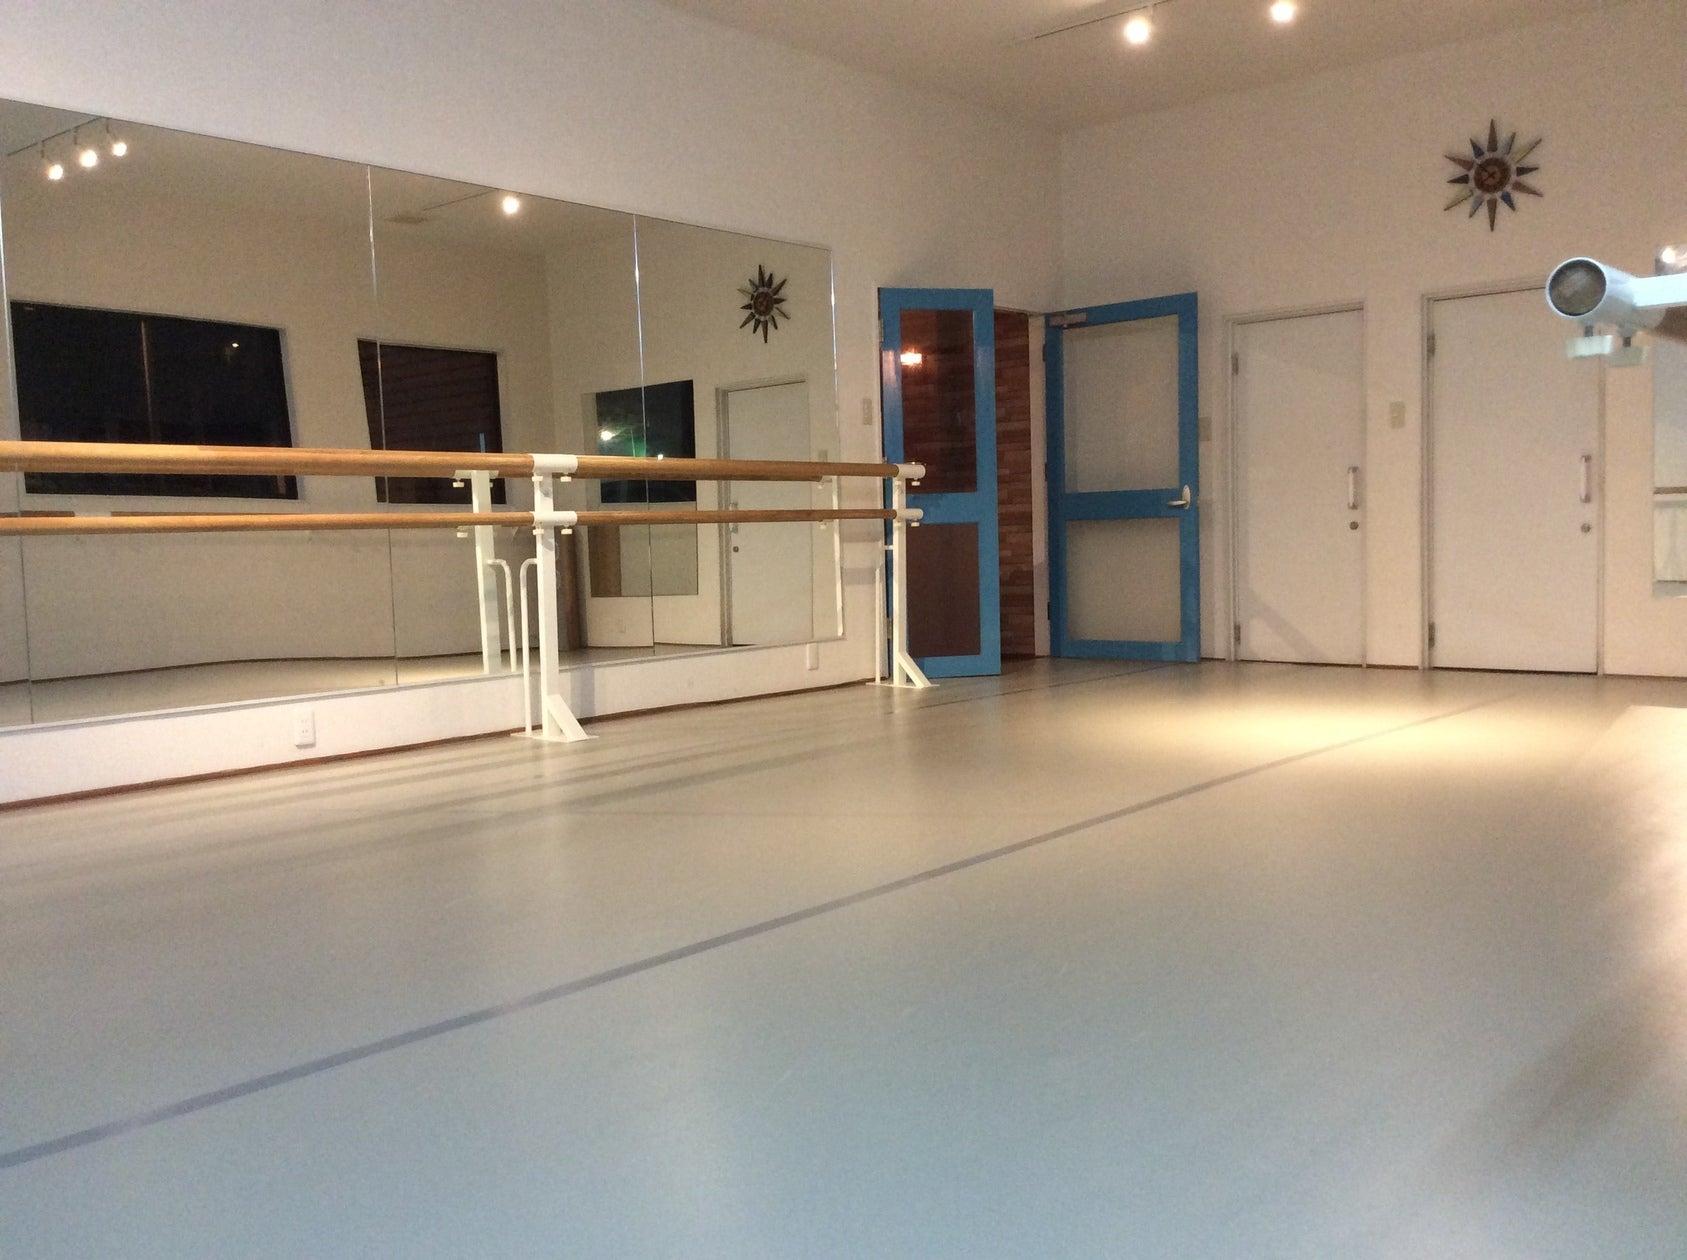 おしゃれで綺麗なスタジオ!ダンス練習、撮影、ママ会、会議利用などに!(おしゃれで綺麗なスタジオ!ダンス練習、撮影、ママ会、会議利用などに!) の写真0